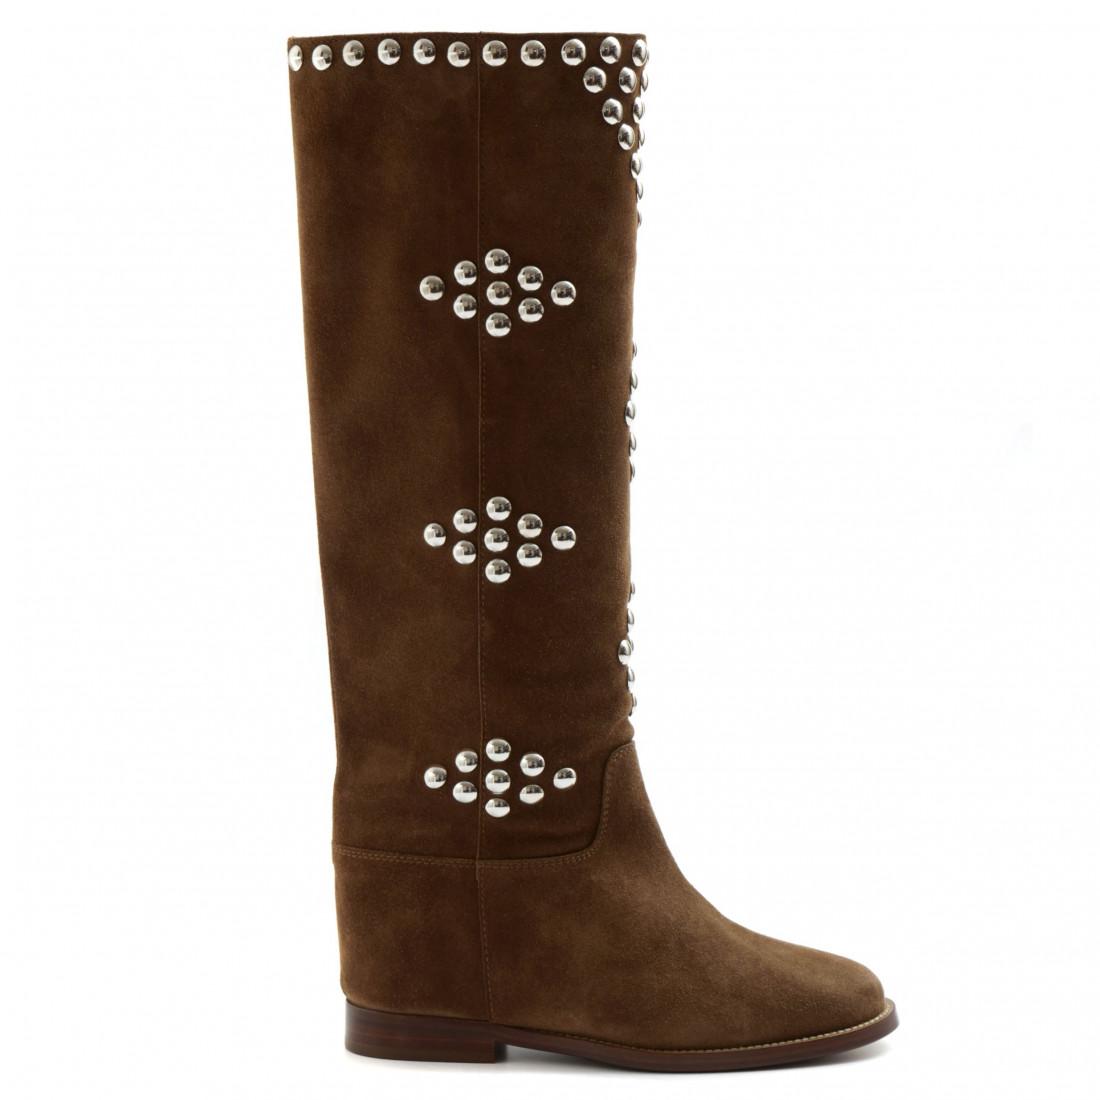 stiefel  boots damen via roma 15 3500velour martora 8165